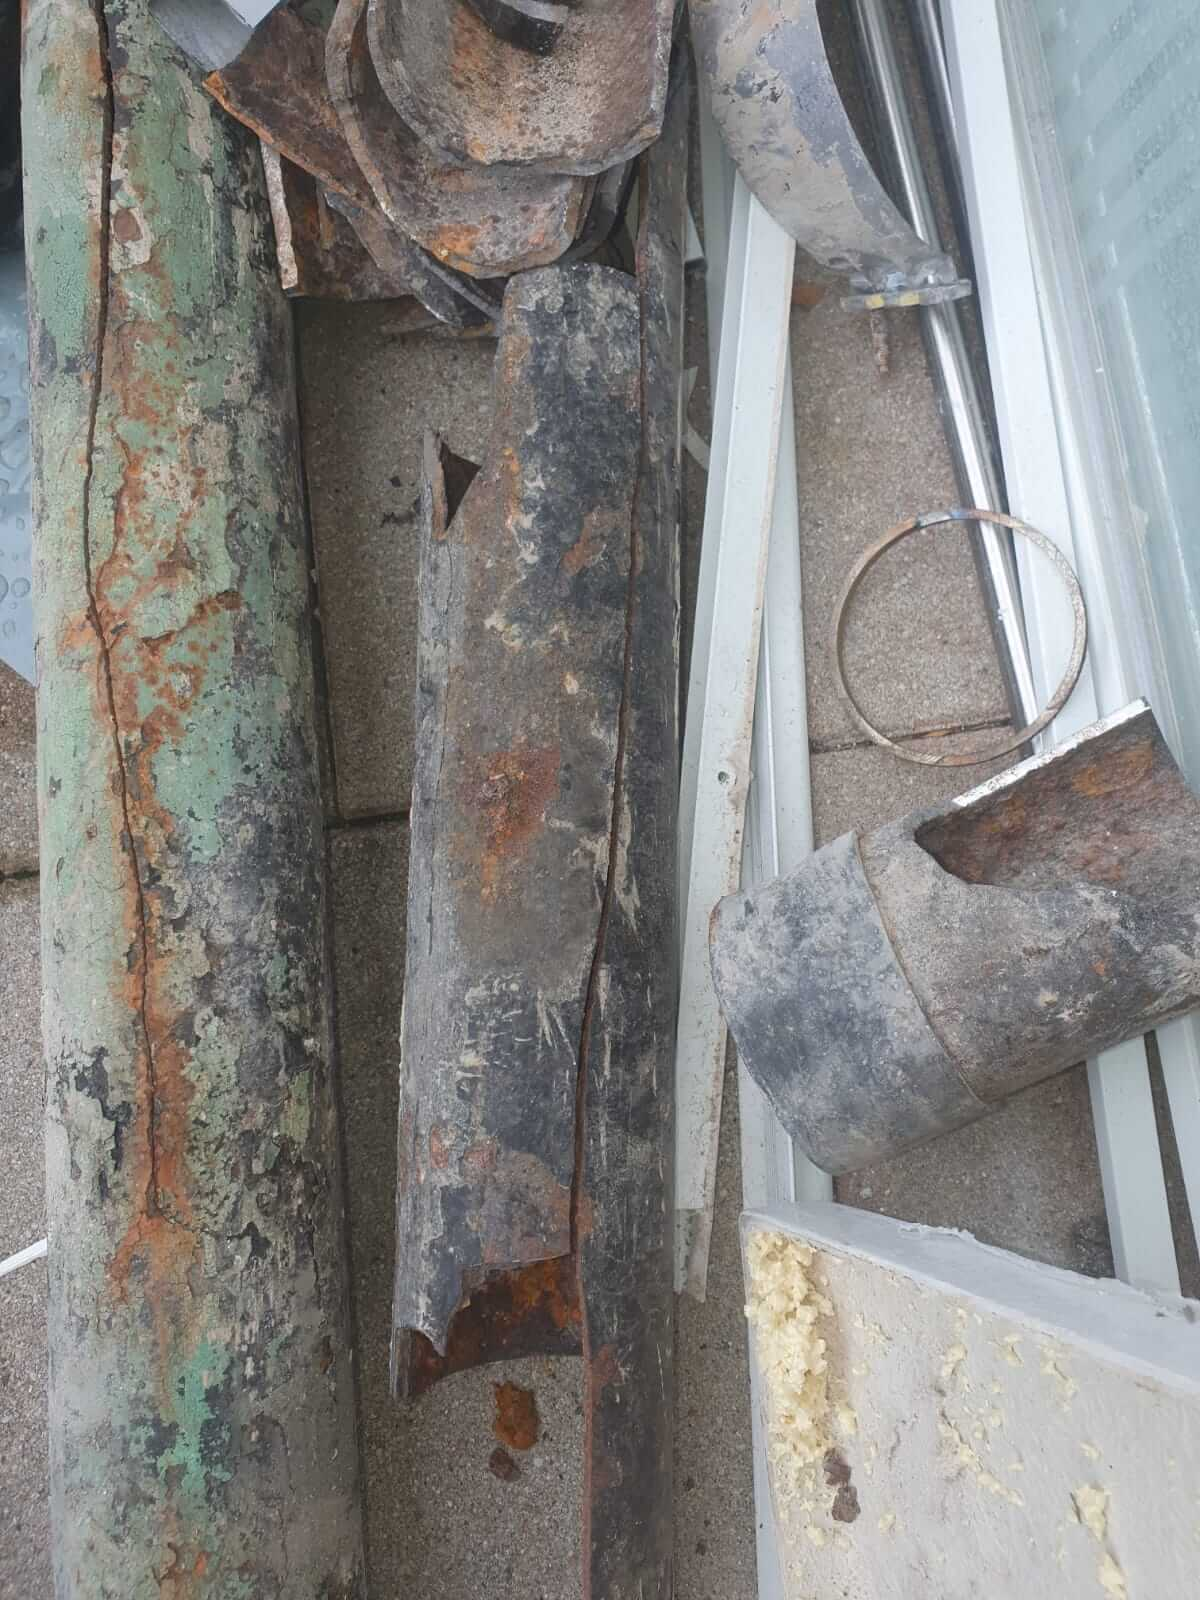 Abwasserleitung Guß Rohr von hinten gerissen auf ca 2 Meter,Fehler gefunden und neues Sml(Gußrohr) eingebaut.